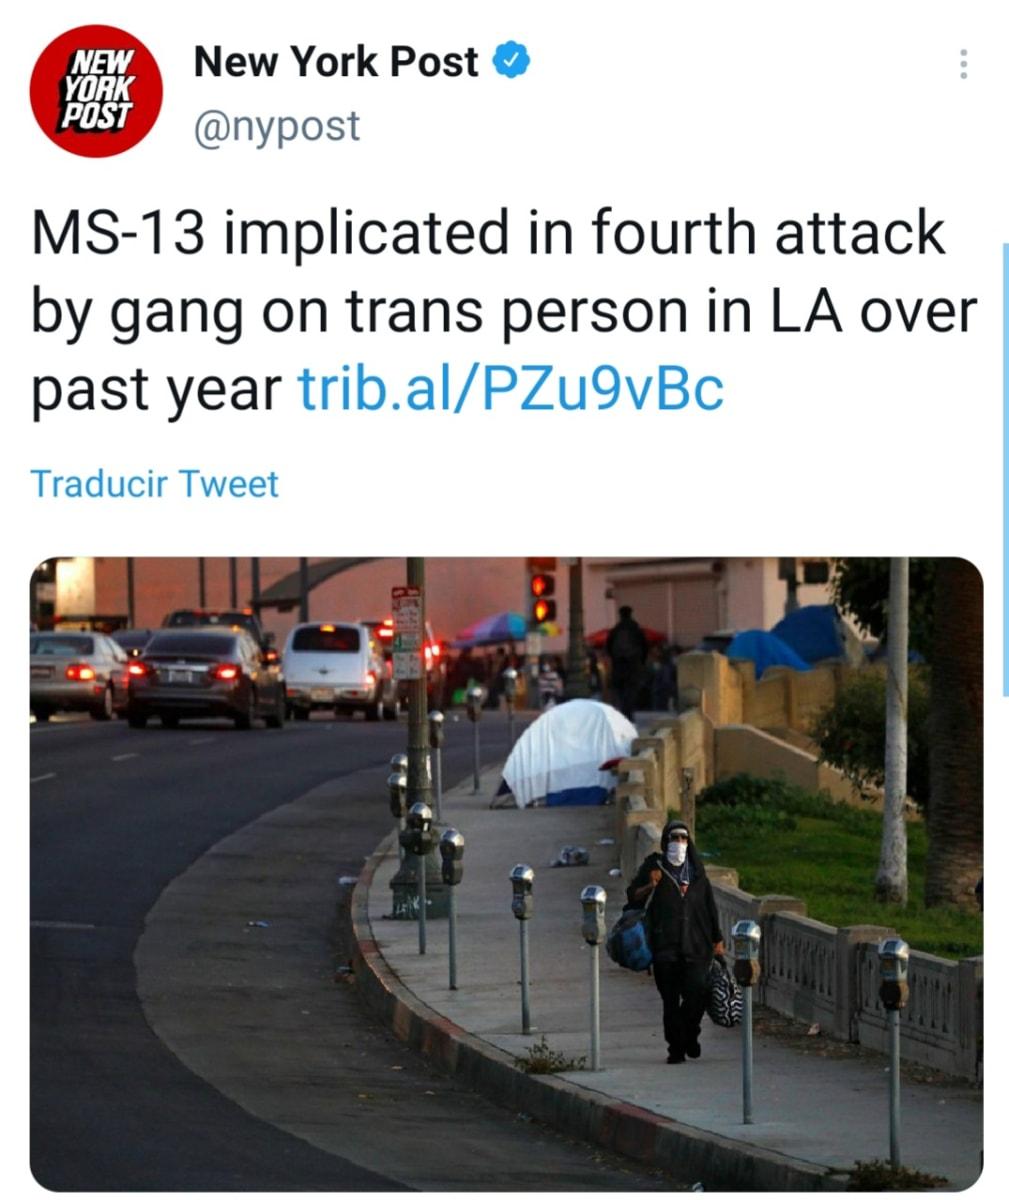 Miembro de la pandilla MS 13 es acusado de atacar a una mujer transgénero